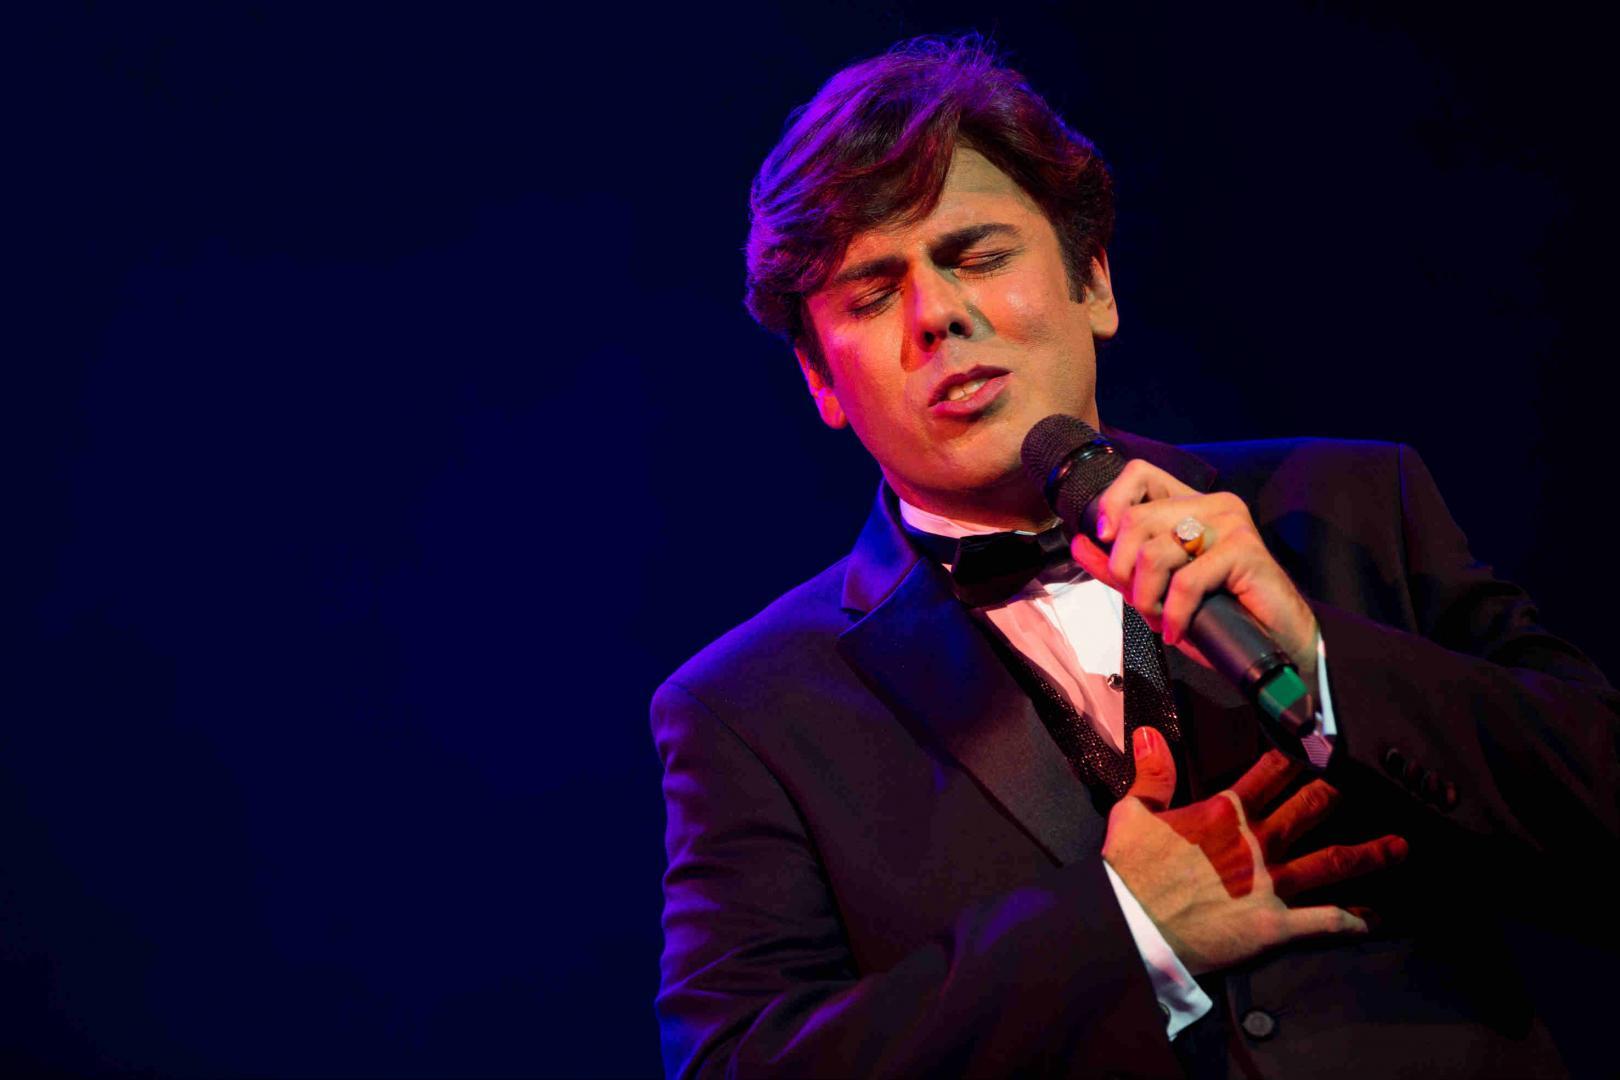 Considerado sucessor de Cauby, Márcio Gomes lança disco com show em São Paulo